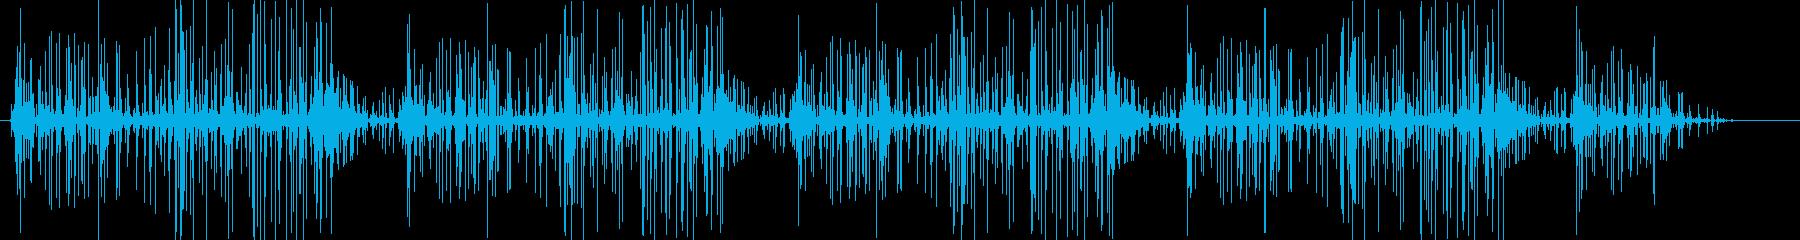 ブチブチ(火の音、ノイズ)の再生済みの波形